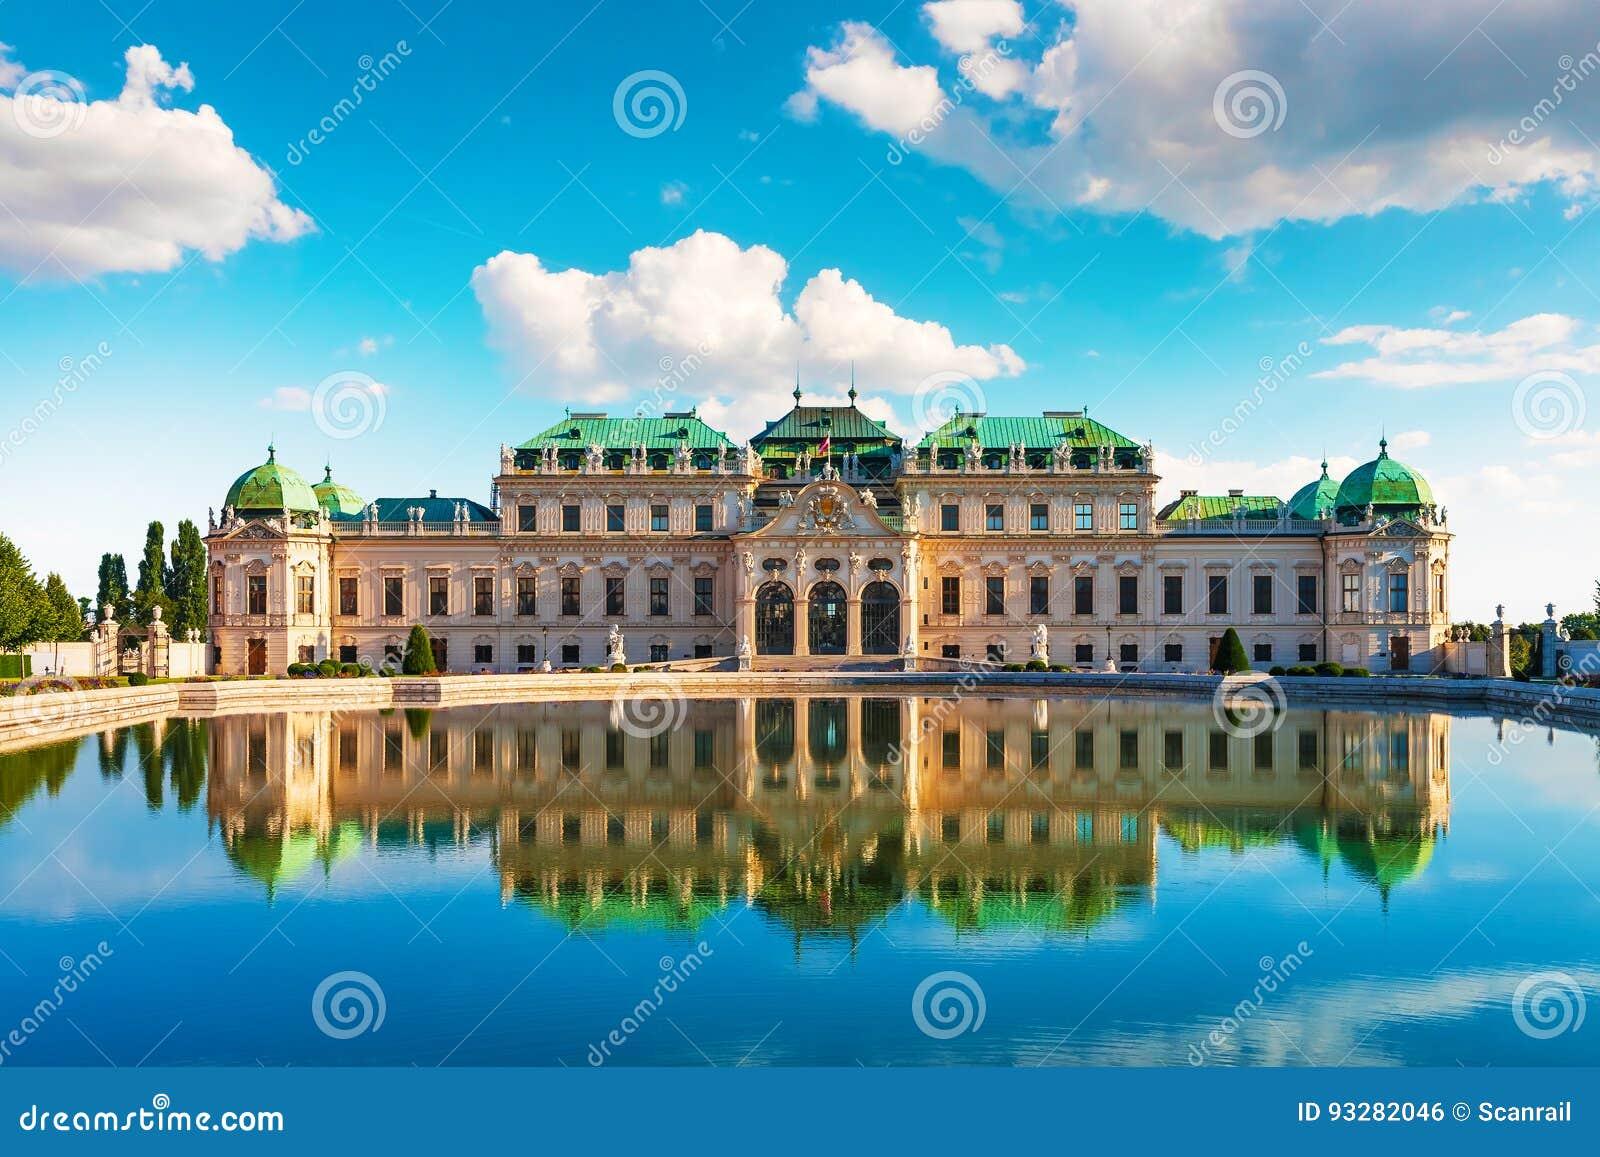 Palais de belvédère à Vienne, Autriche